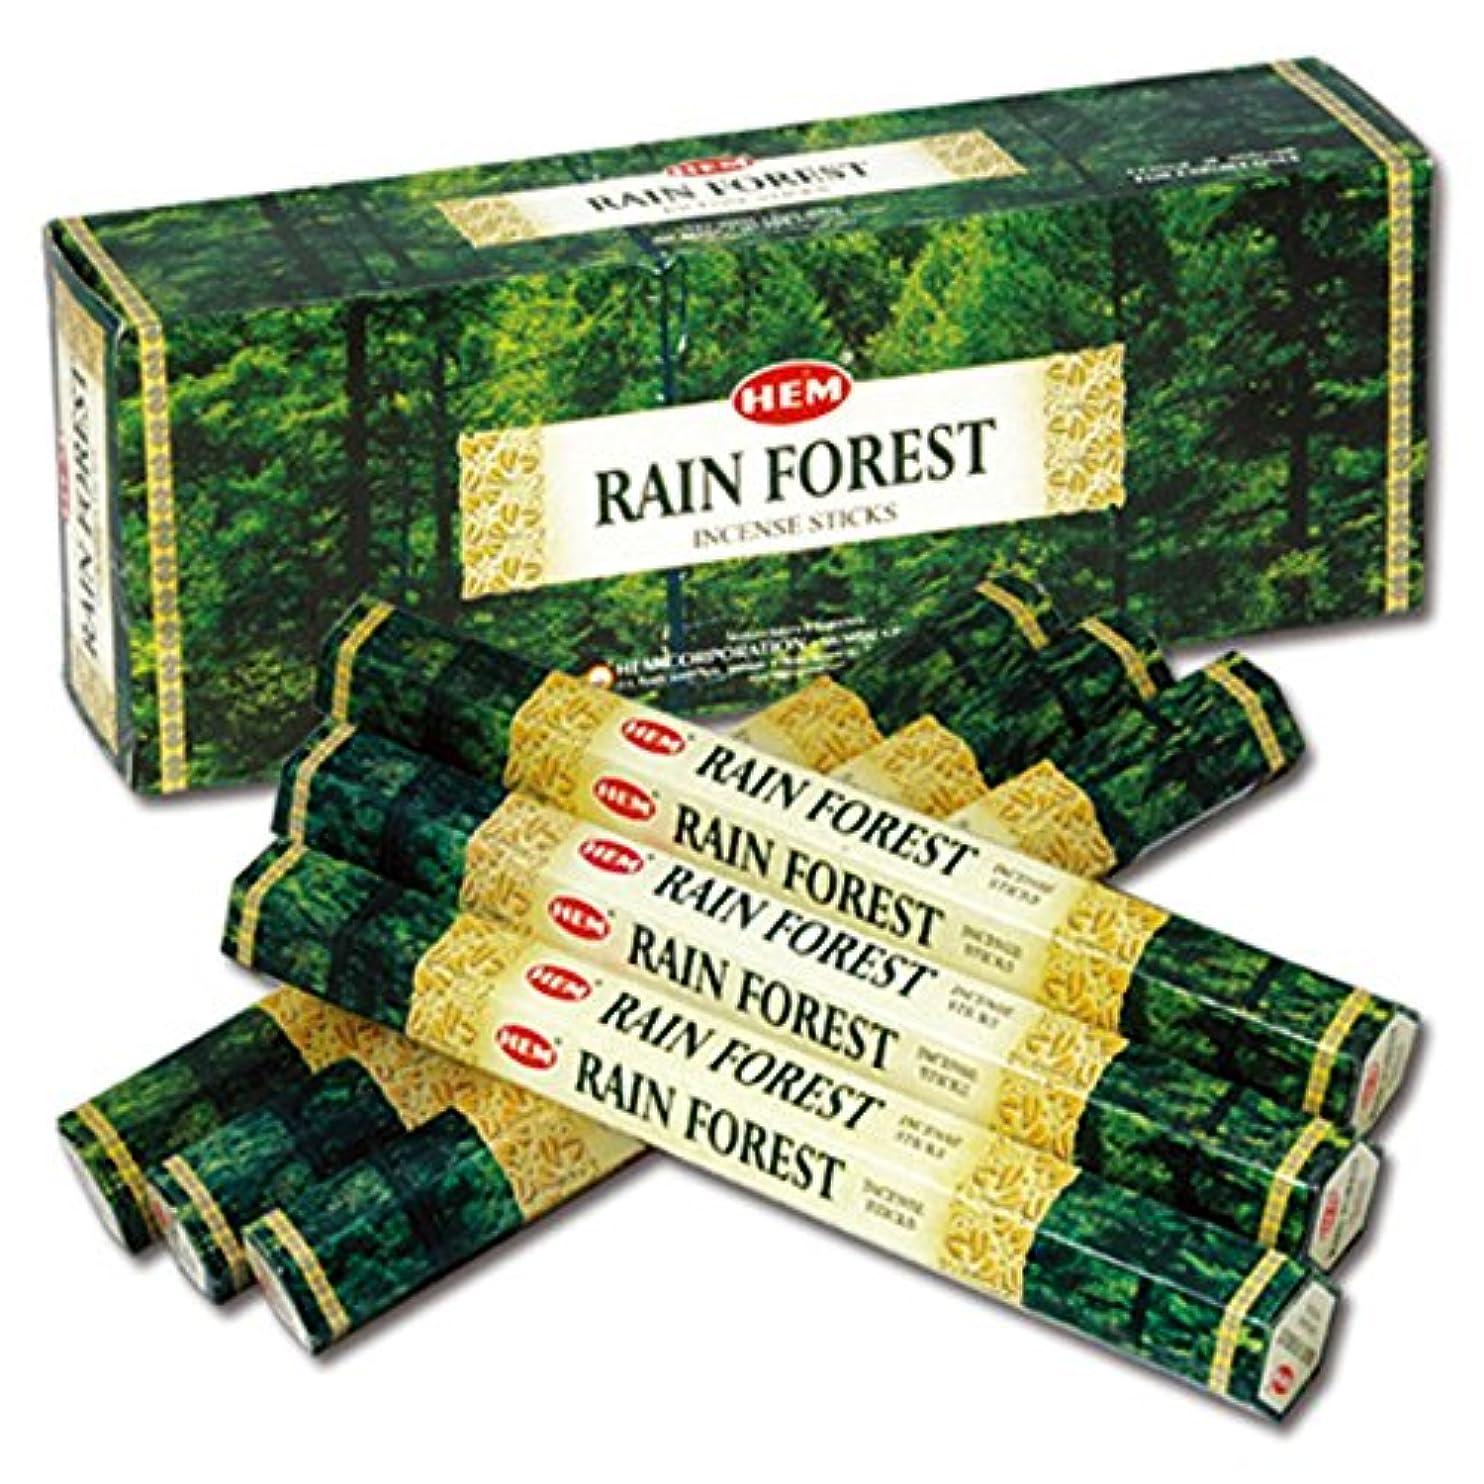 大学院少年ヤギHEM(ヘム) レインフォレスト RAIN FOREST スティックタイプ お香 6筒 セット [並行輸入品]